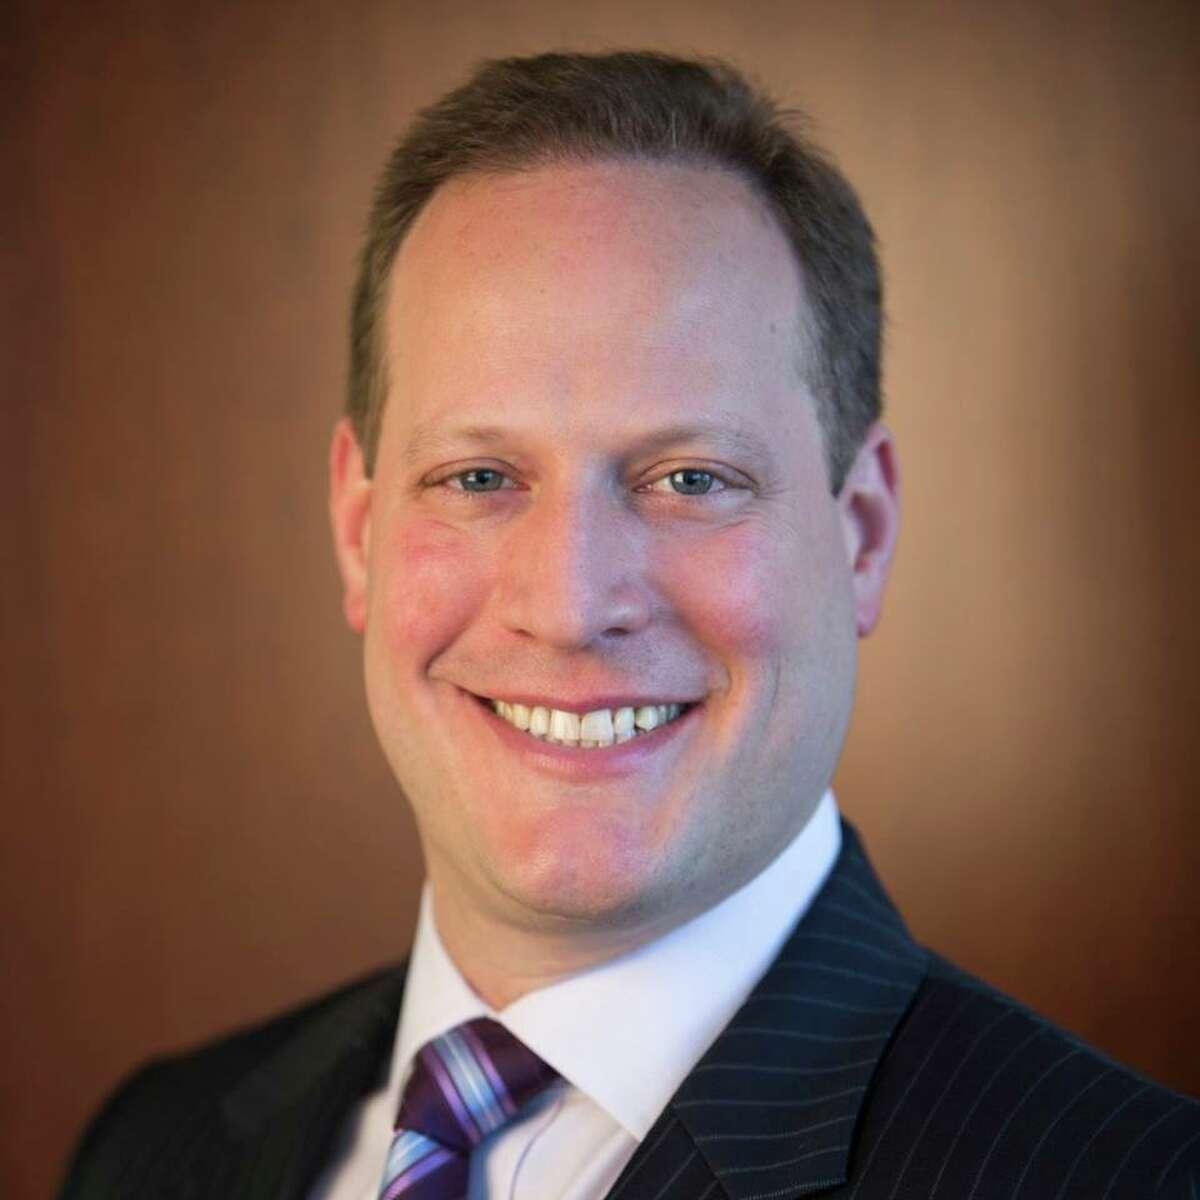 Josh Wallenstein